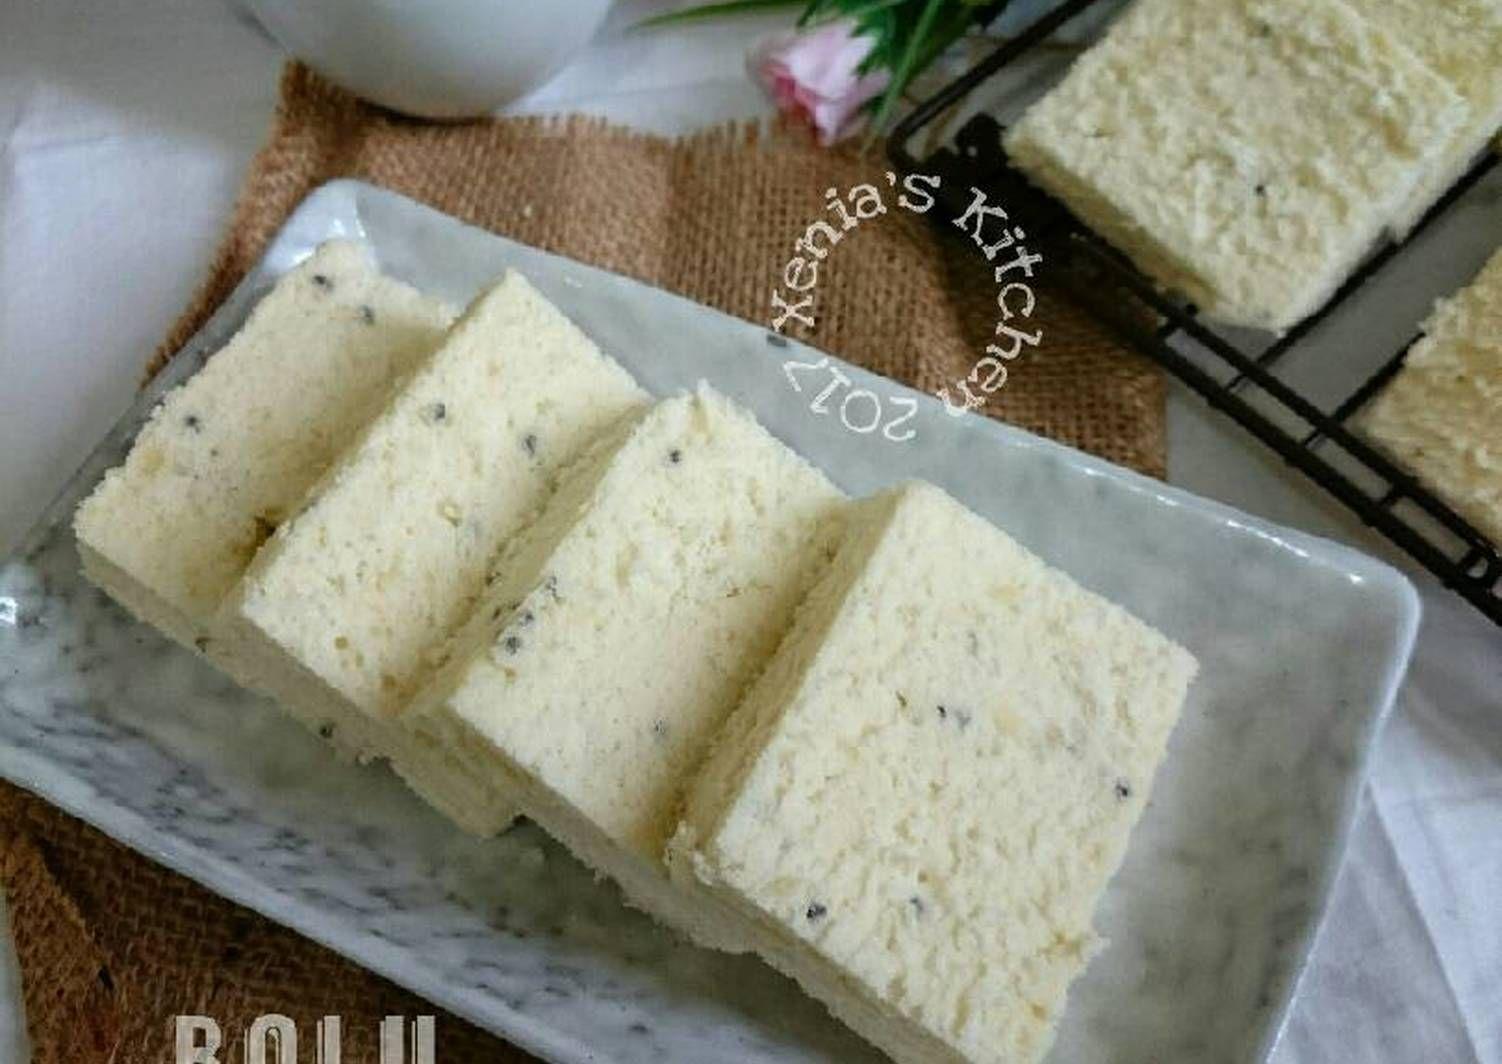 Resep Bolu Tepung Beras(Gluten Free) oleh Retno Nia Sari